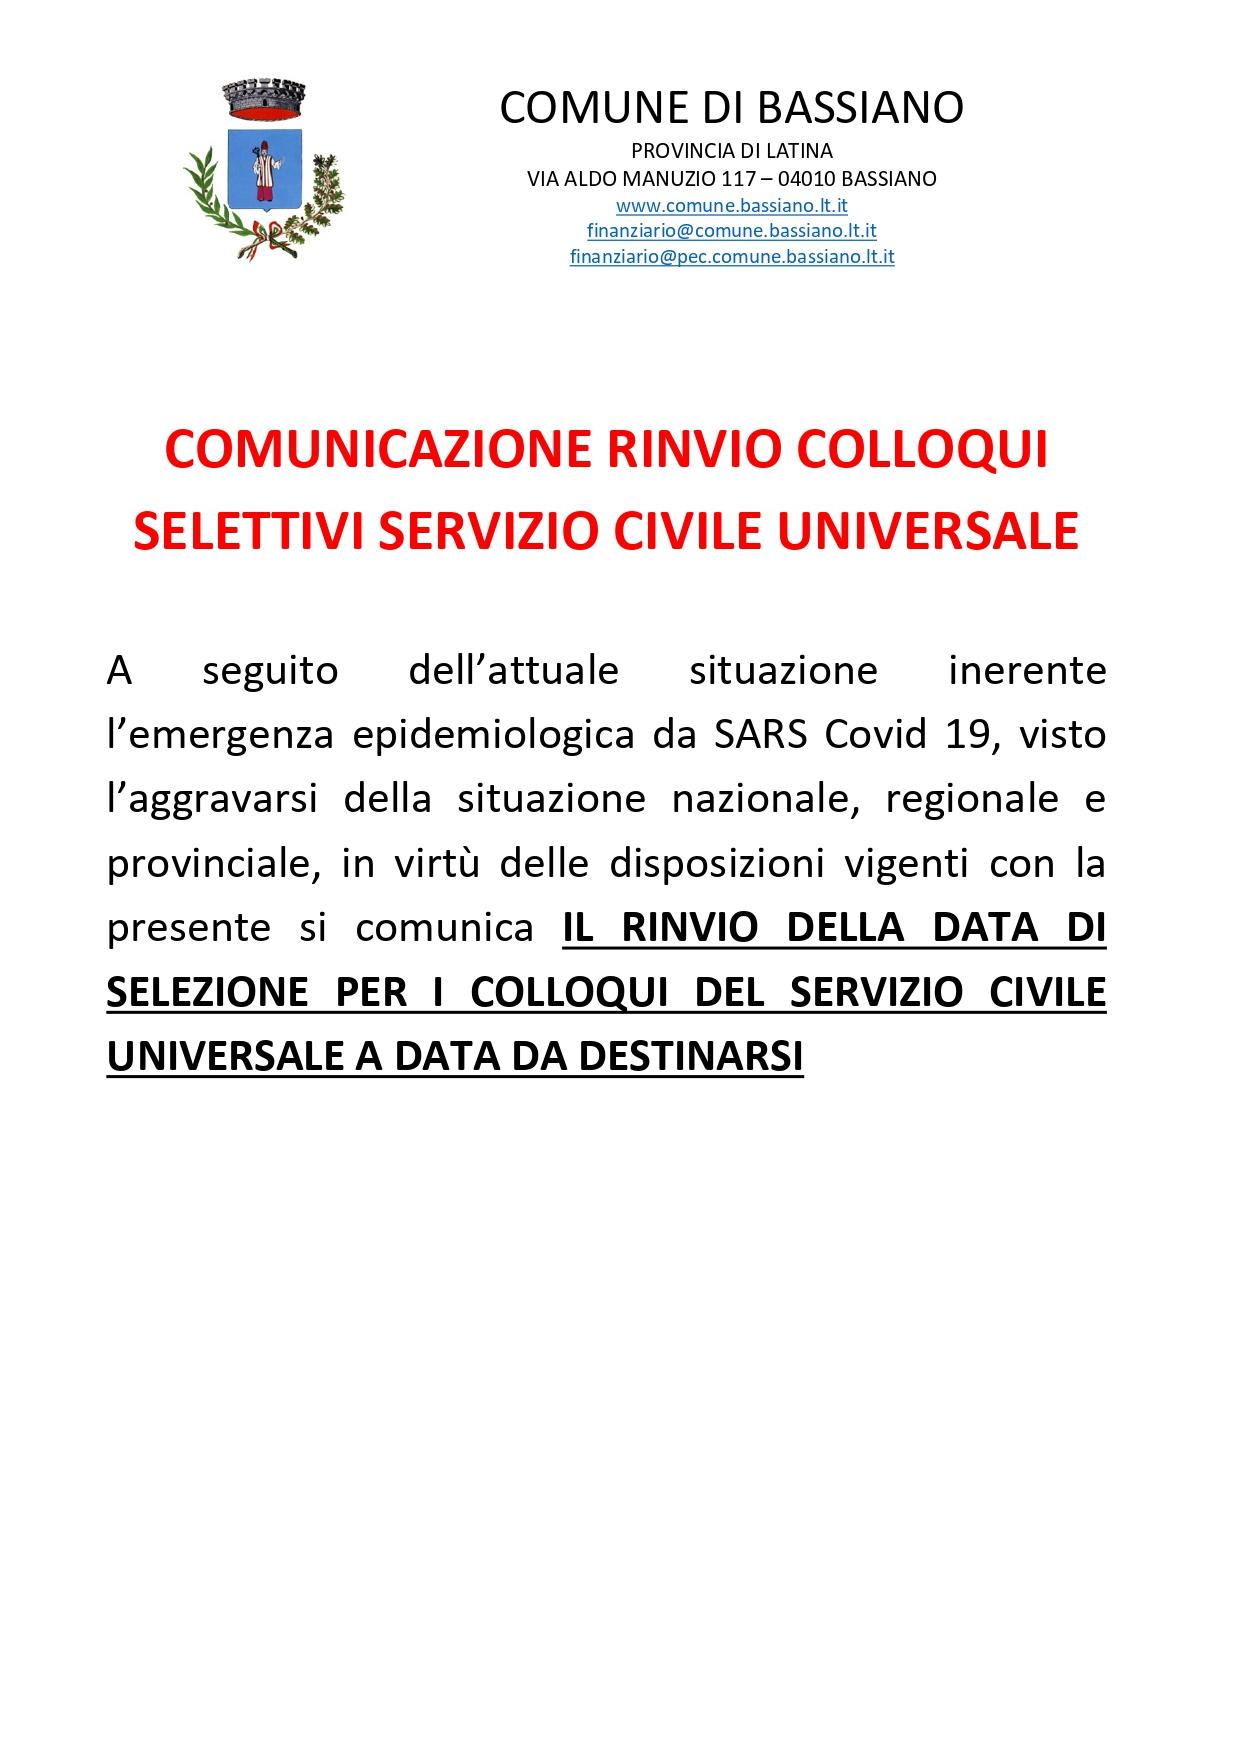 COMUNICAZIONE RINVIO COLLOQUI SELETTIVI SERVIZIO CIVILE UNIVERSALE